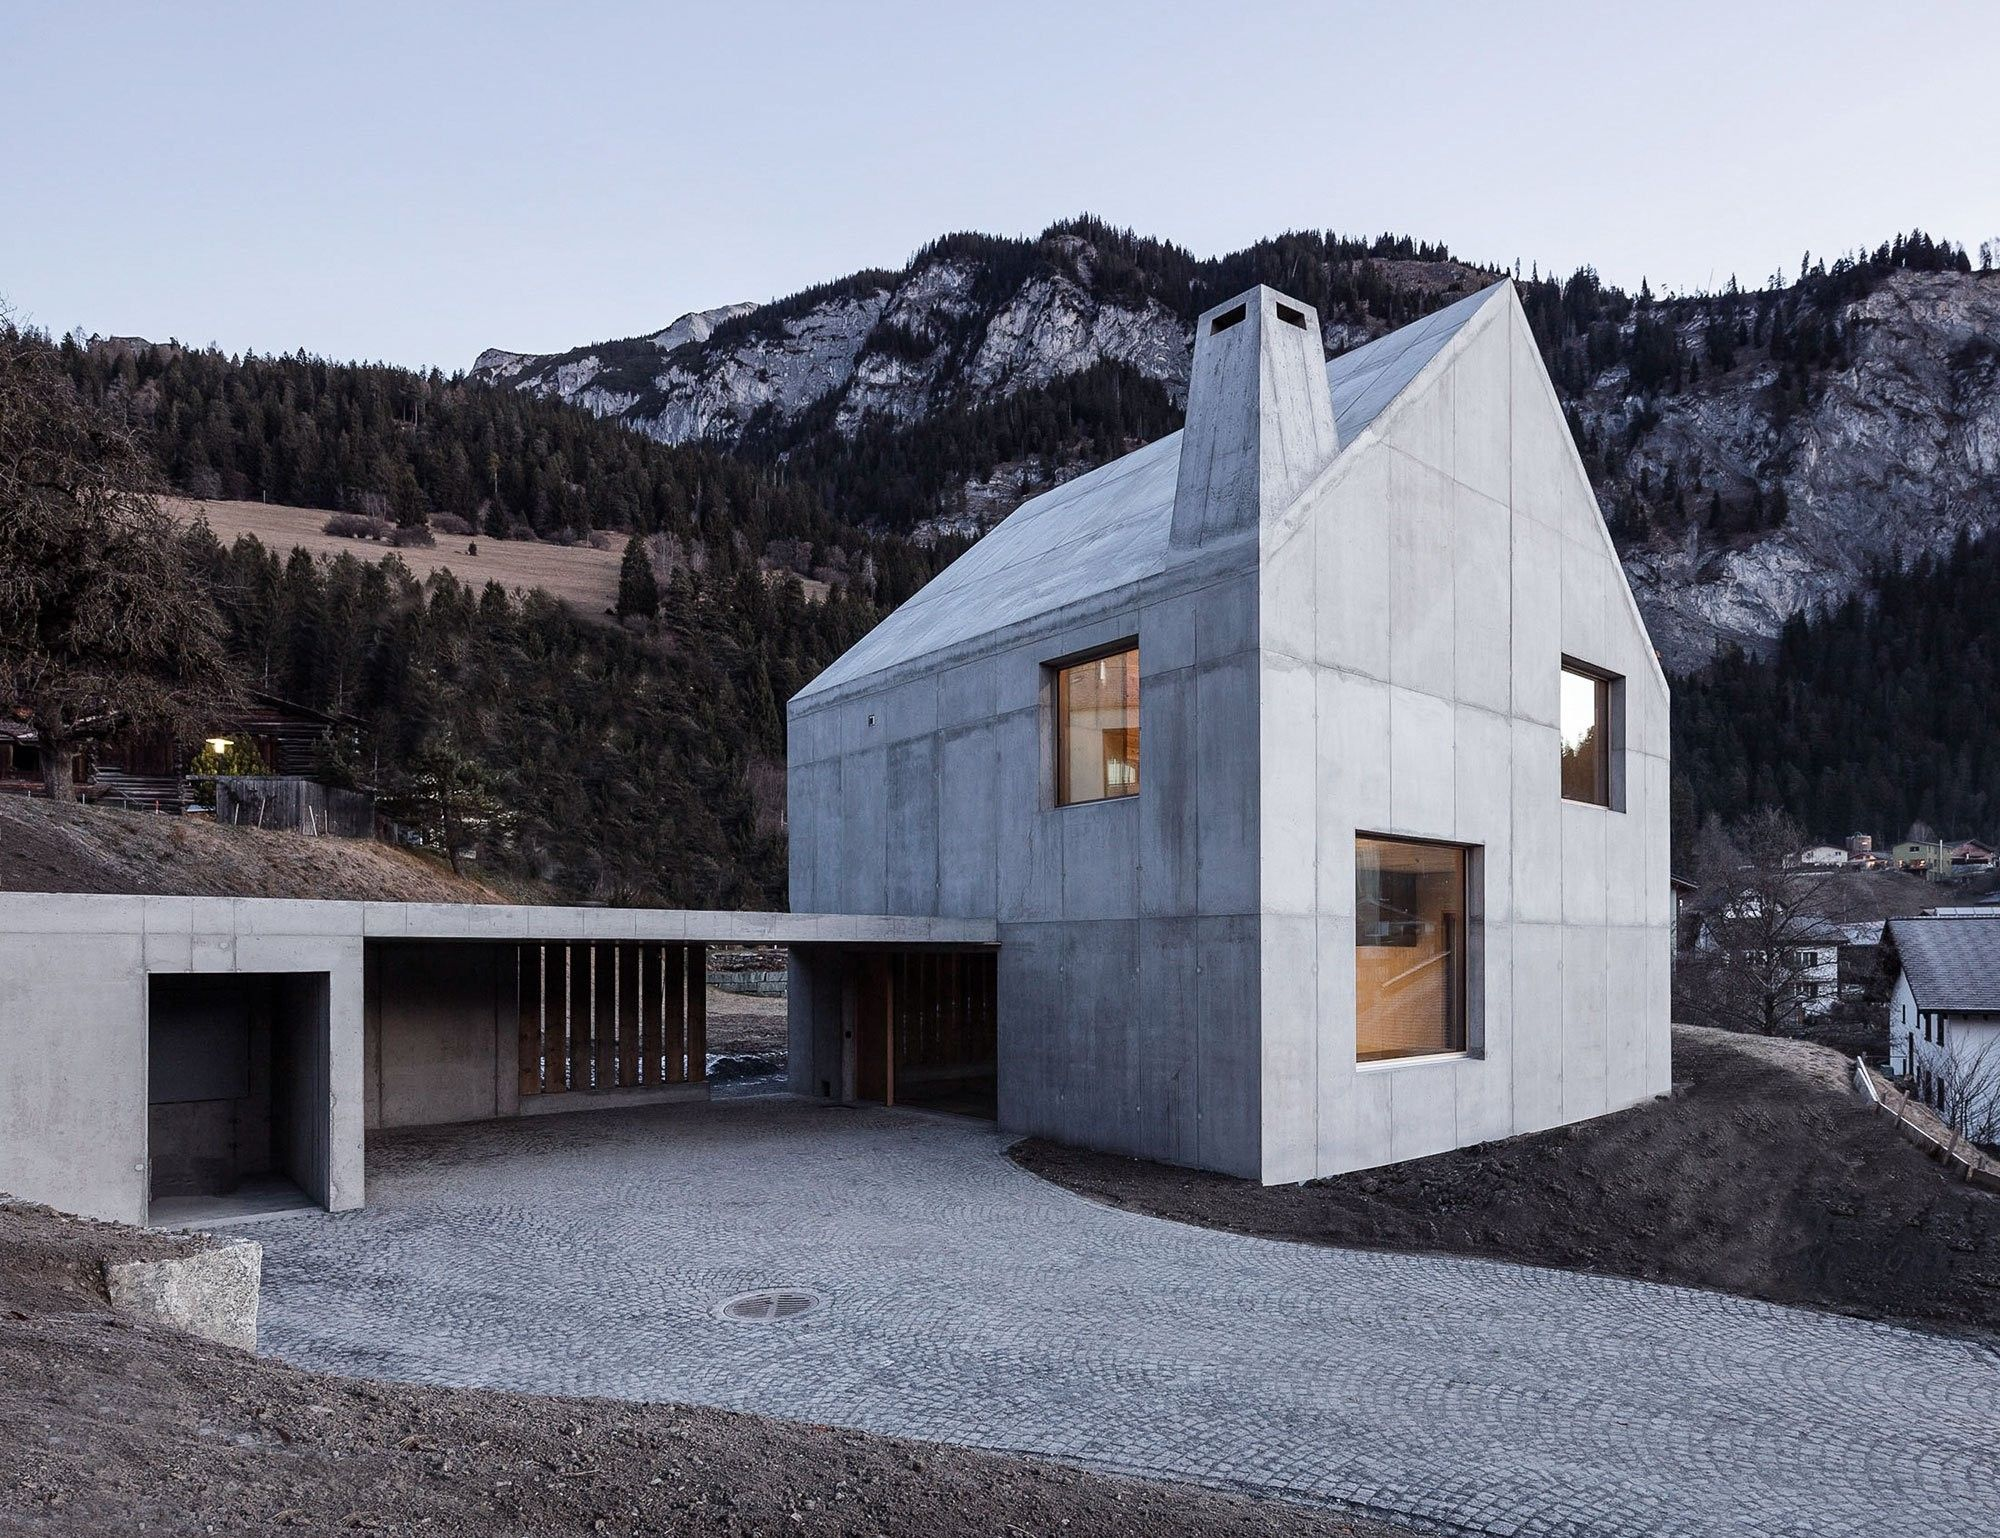 Chalet contemporain en suisse par schneller caminada - Maison campagne suisse fovea architects ...